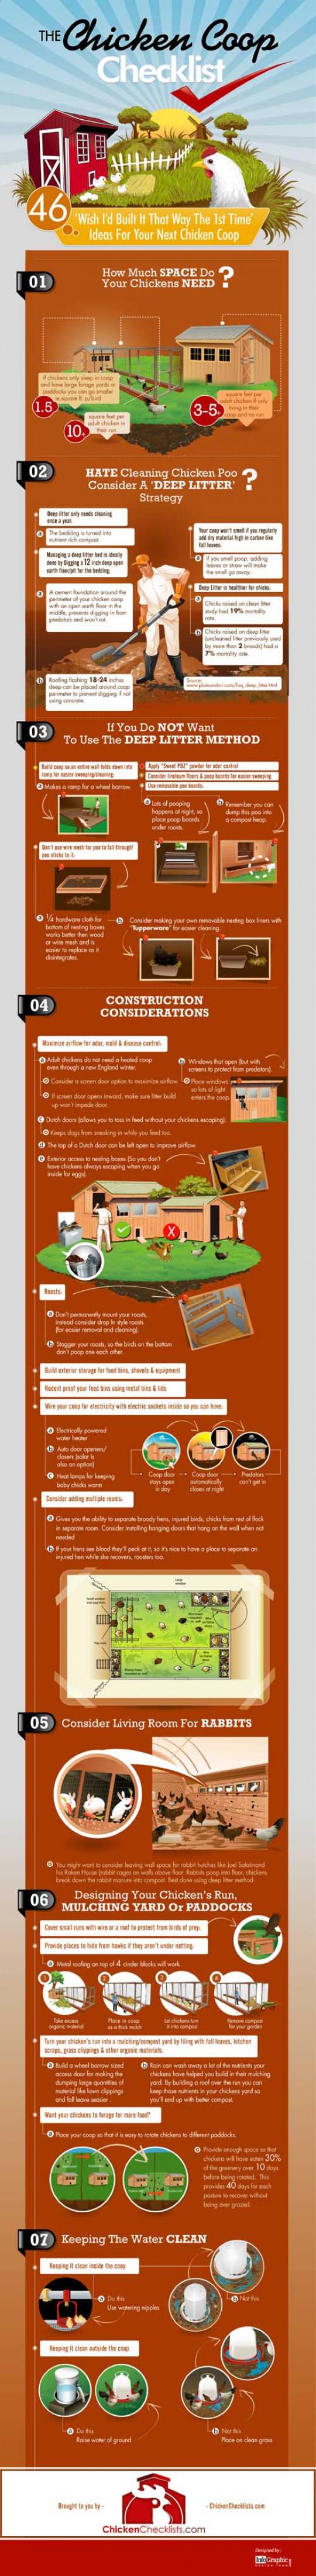 46 Ideas to Help Build The Best Chicken Coop